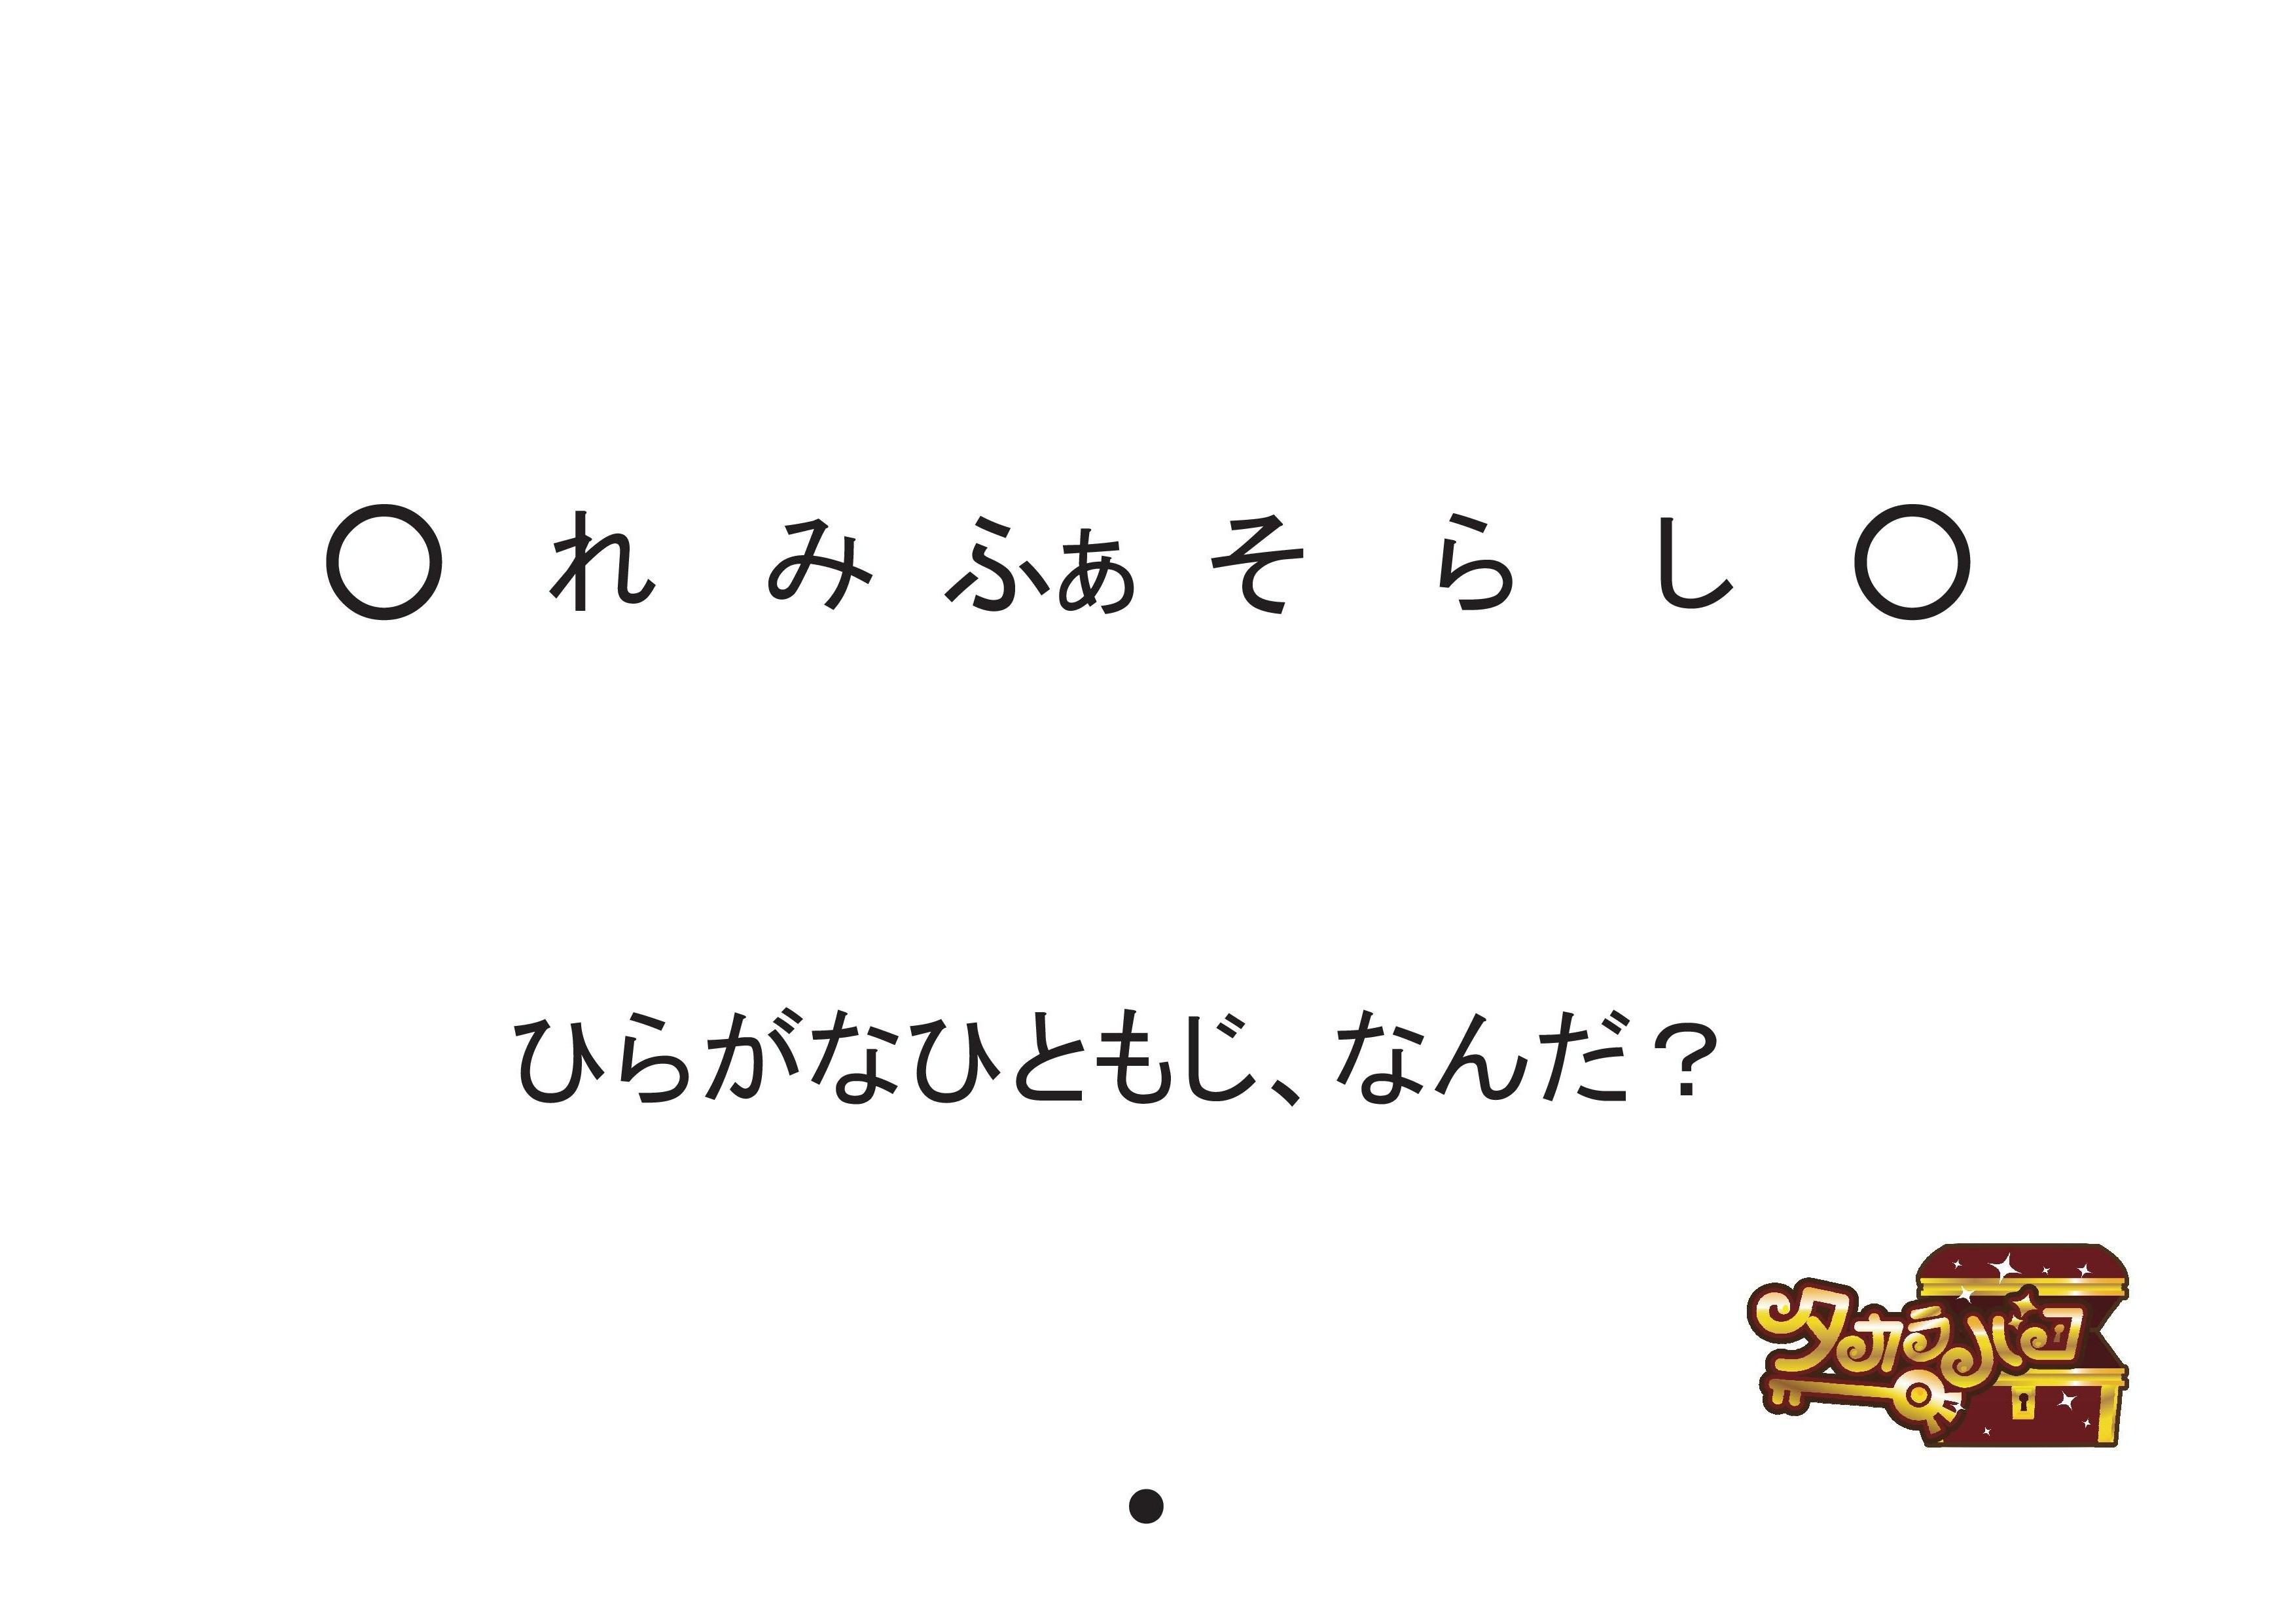 おみや003-006